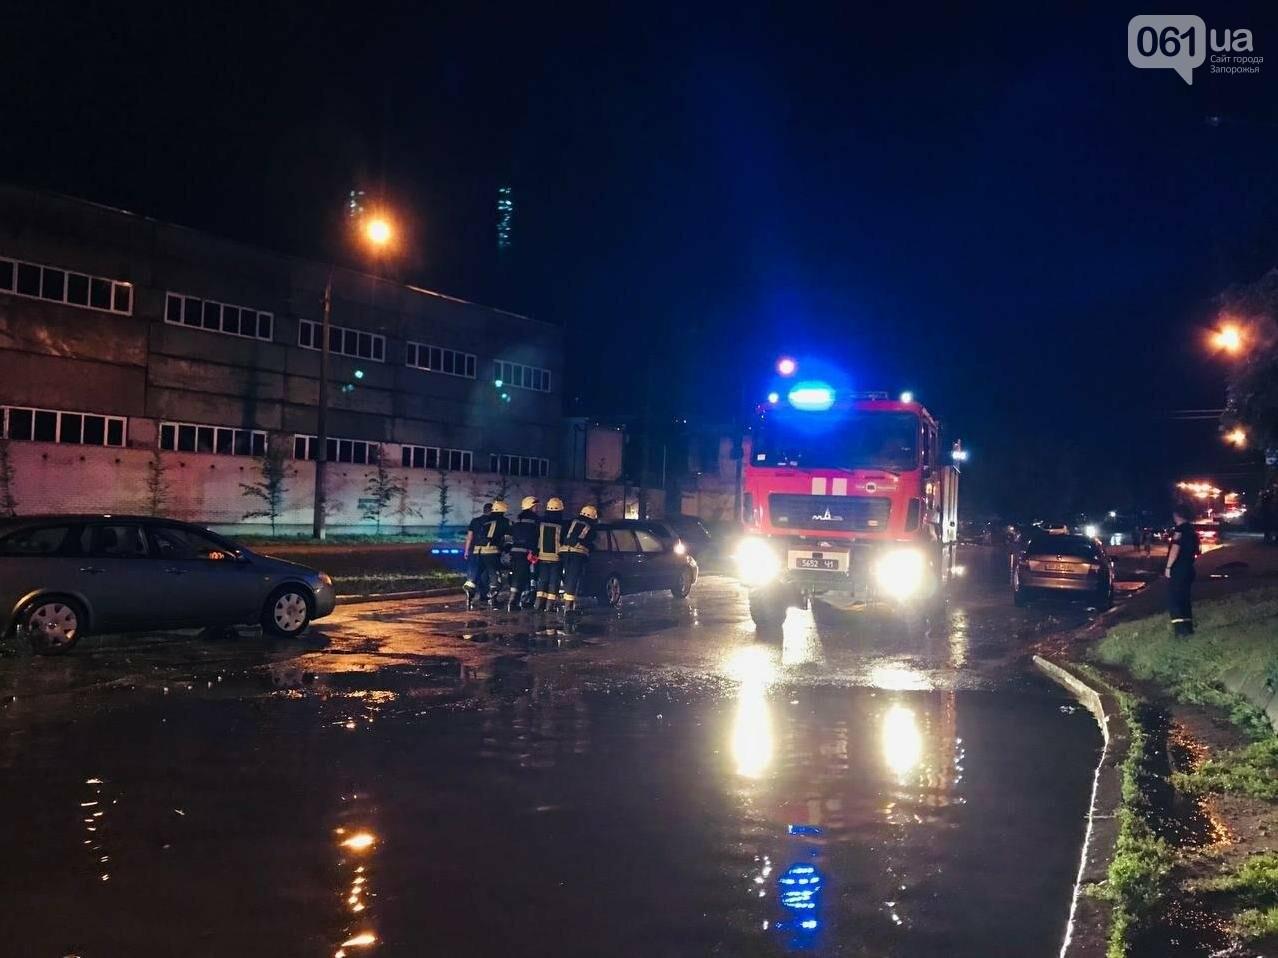 photo2021 06 1408 20 03 60c6fbb4c9362 - В центре Запорожья из-за сильного ливня в воде застряли автомобили и подтопило многоэтажку